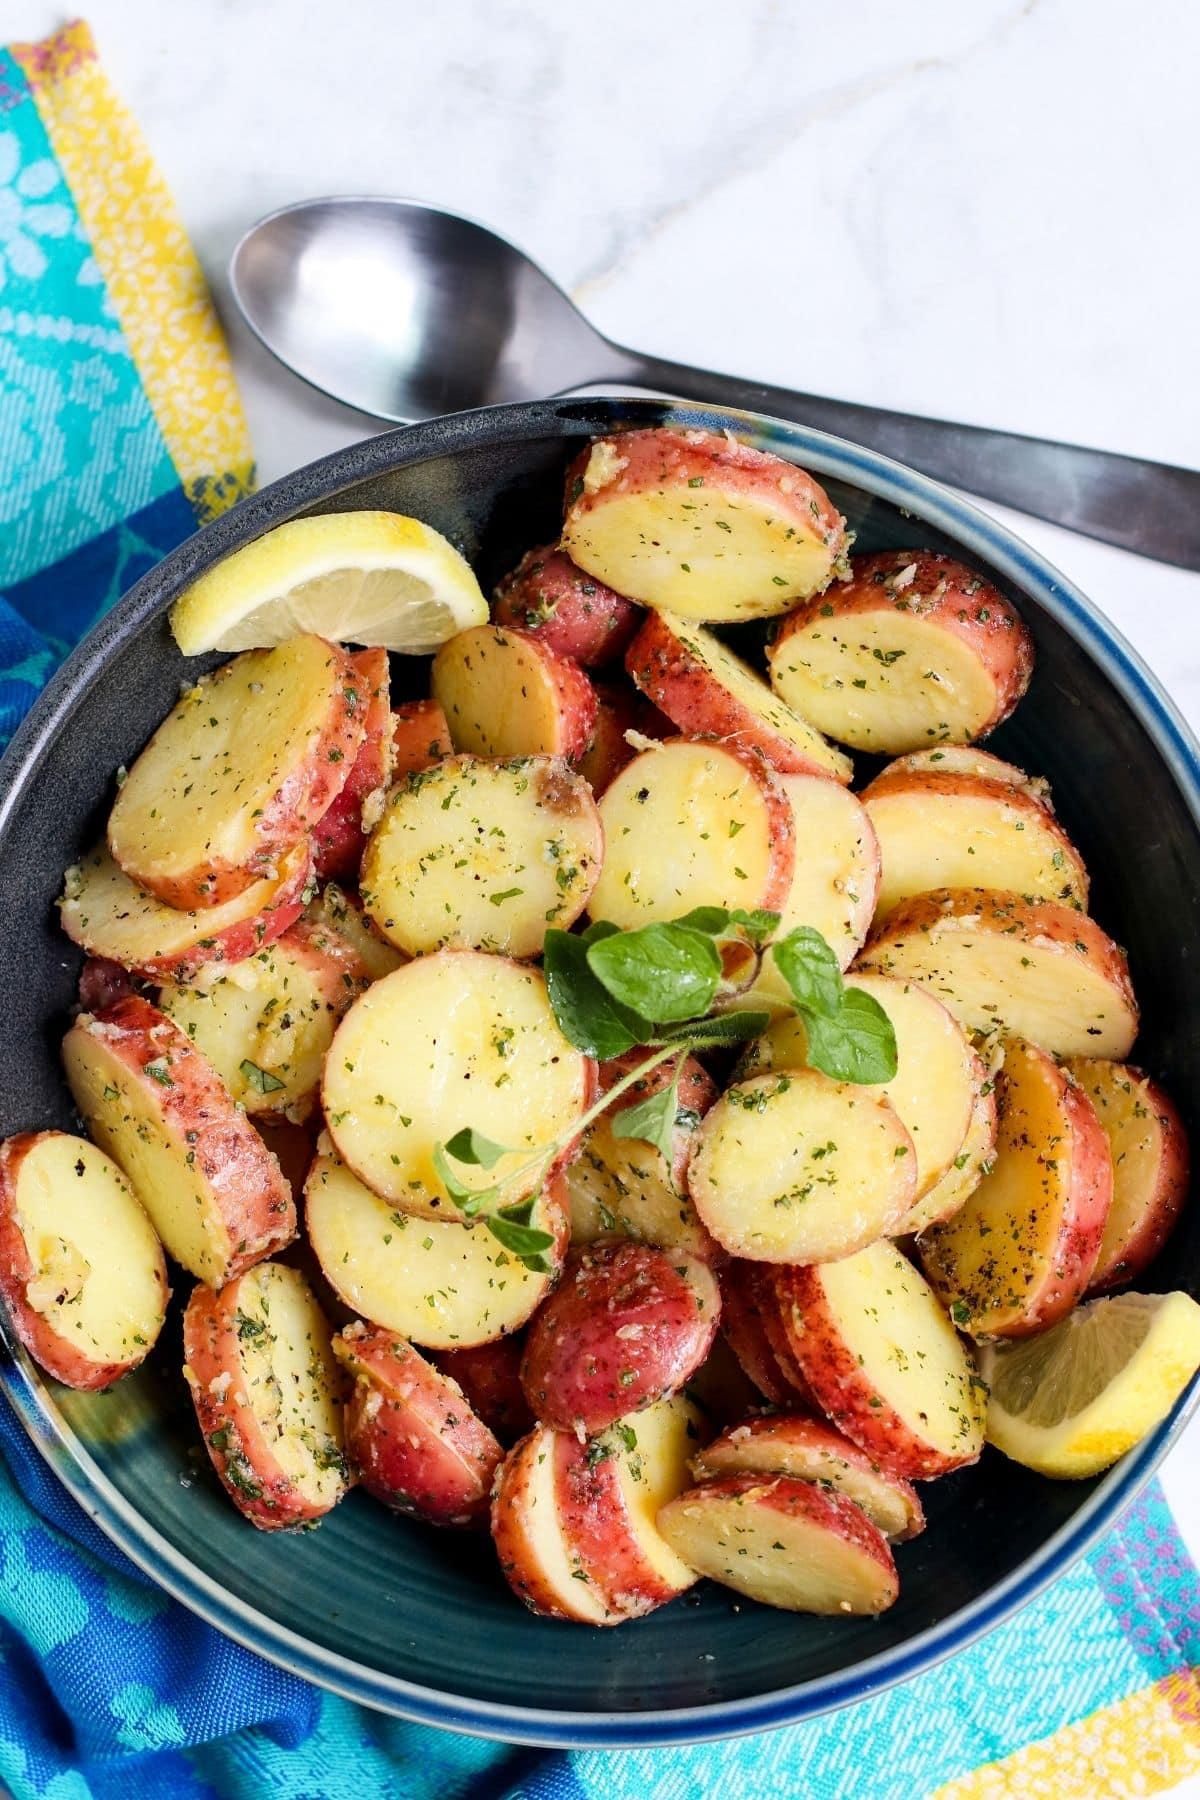 Bowl of Greek potato salad garnished with lemon slices and sprig of oregano